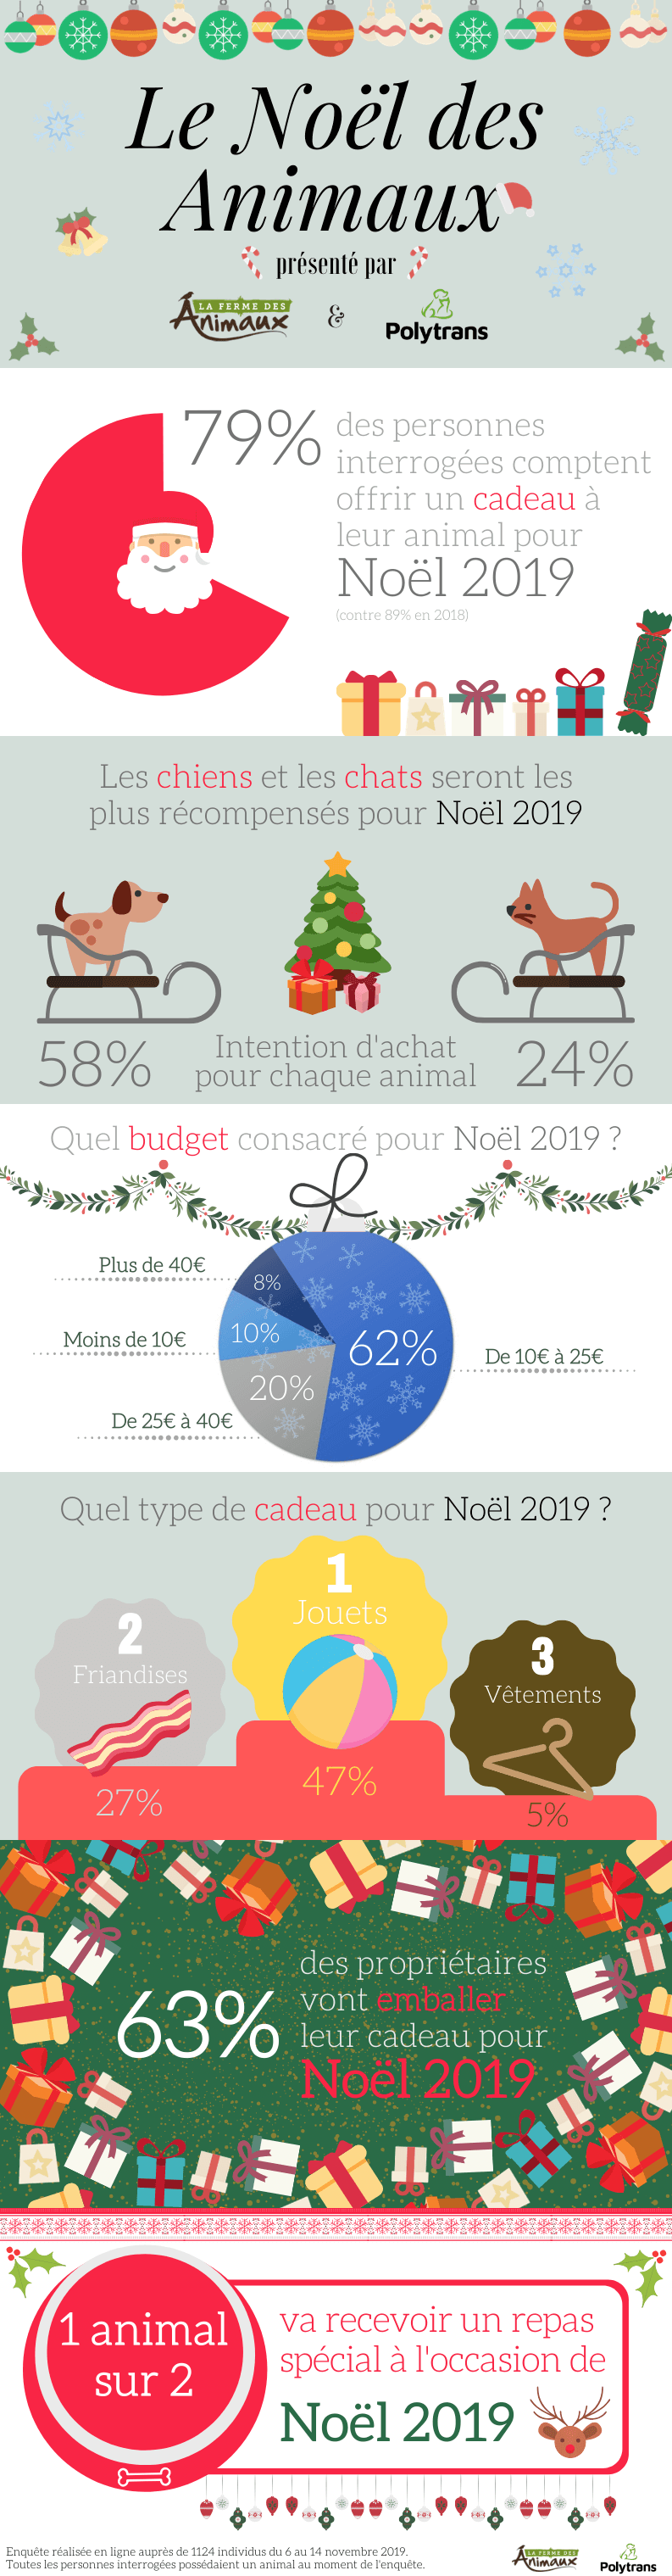 Les français vont-ils offrir un cadeau à leurs animaux de compagnie à Noël ?